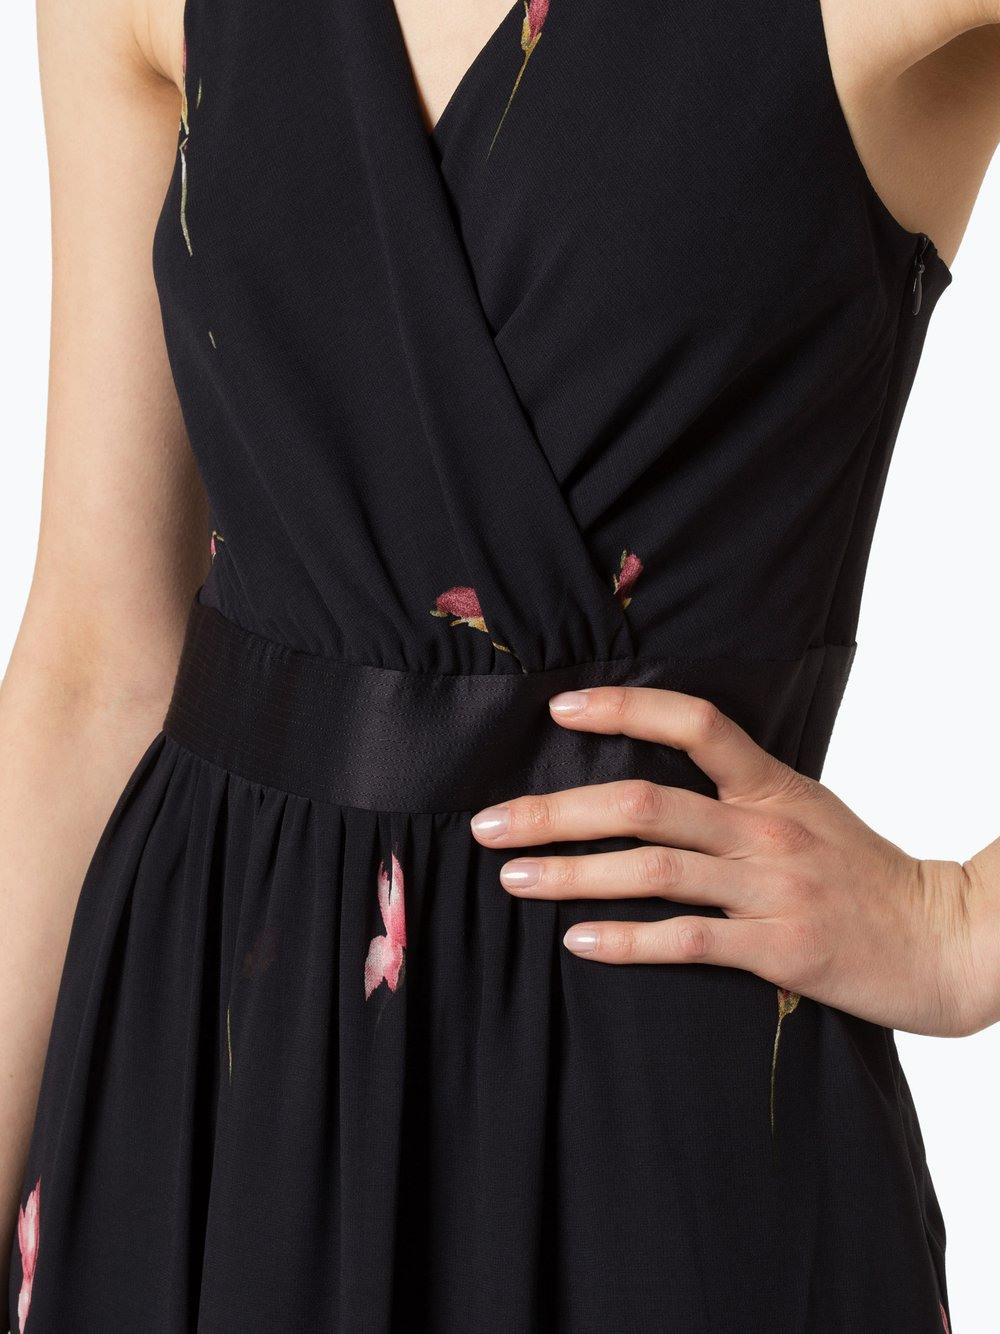 10 Luxus Abendkleid Esprit Spezialgebiet13 Einfach Abendkleid Esprit Design